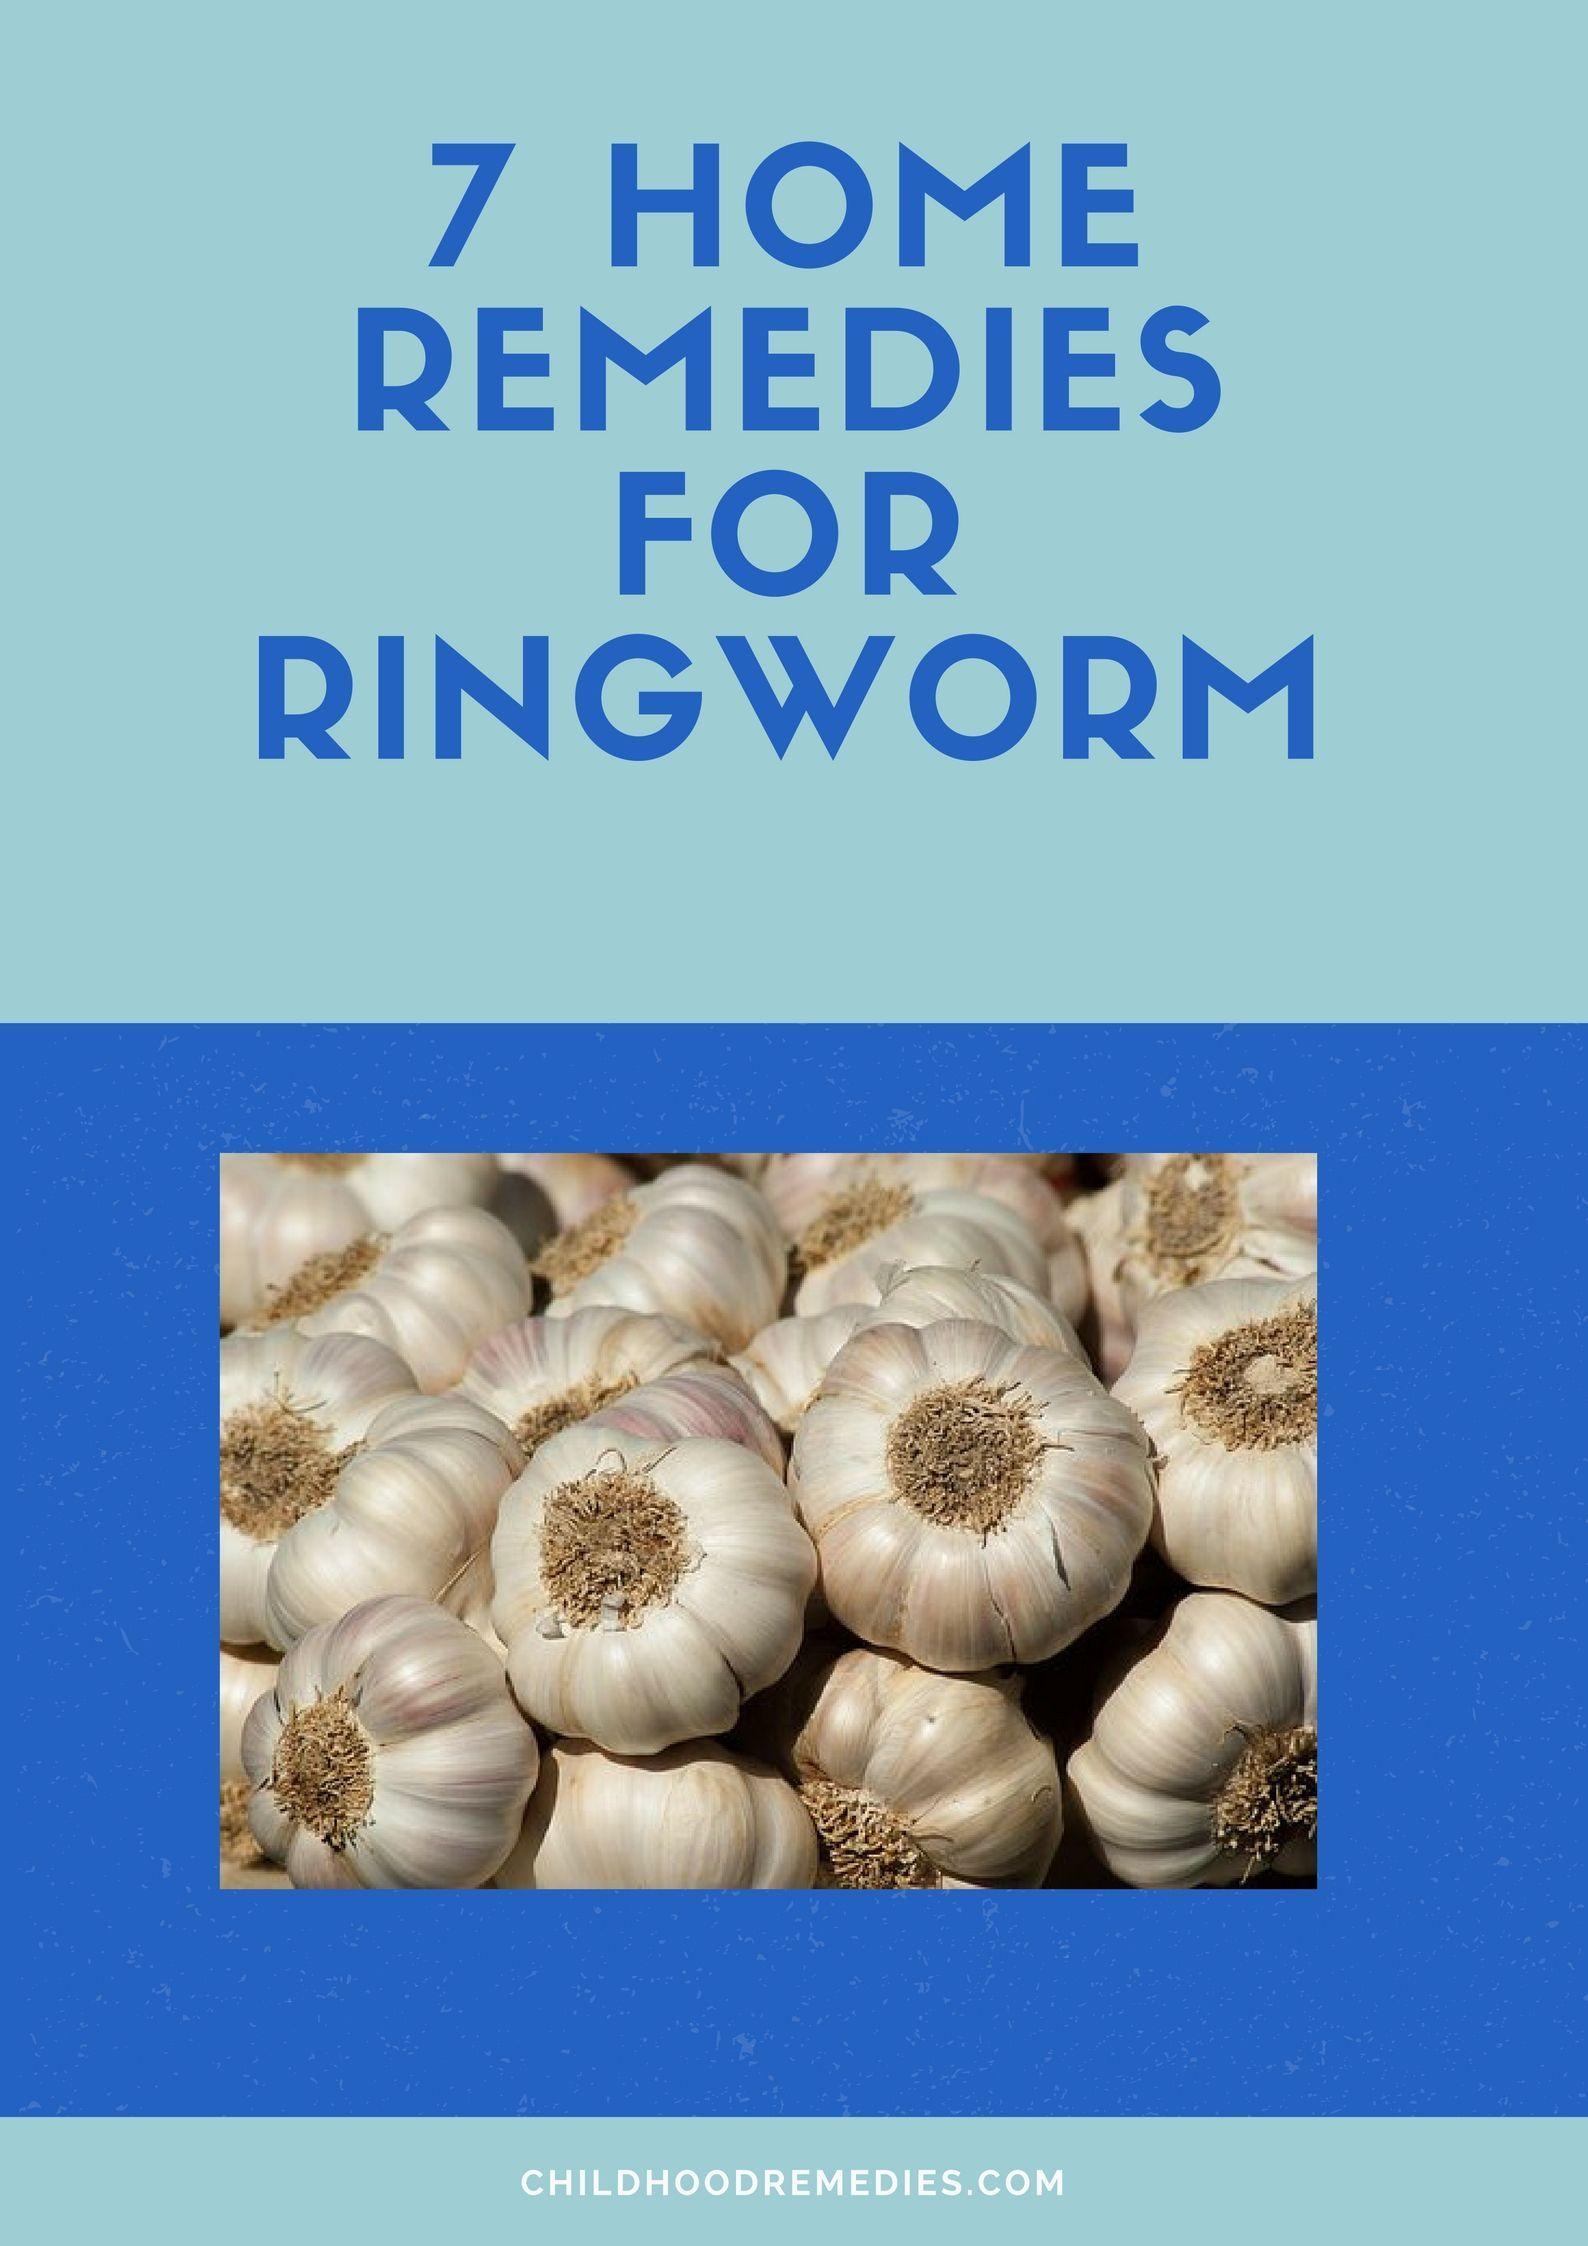 Ringworm Remedies #homeremediesforringworm Ringworm Remedies #homeremediesforringworm